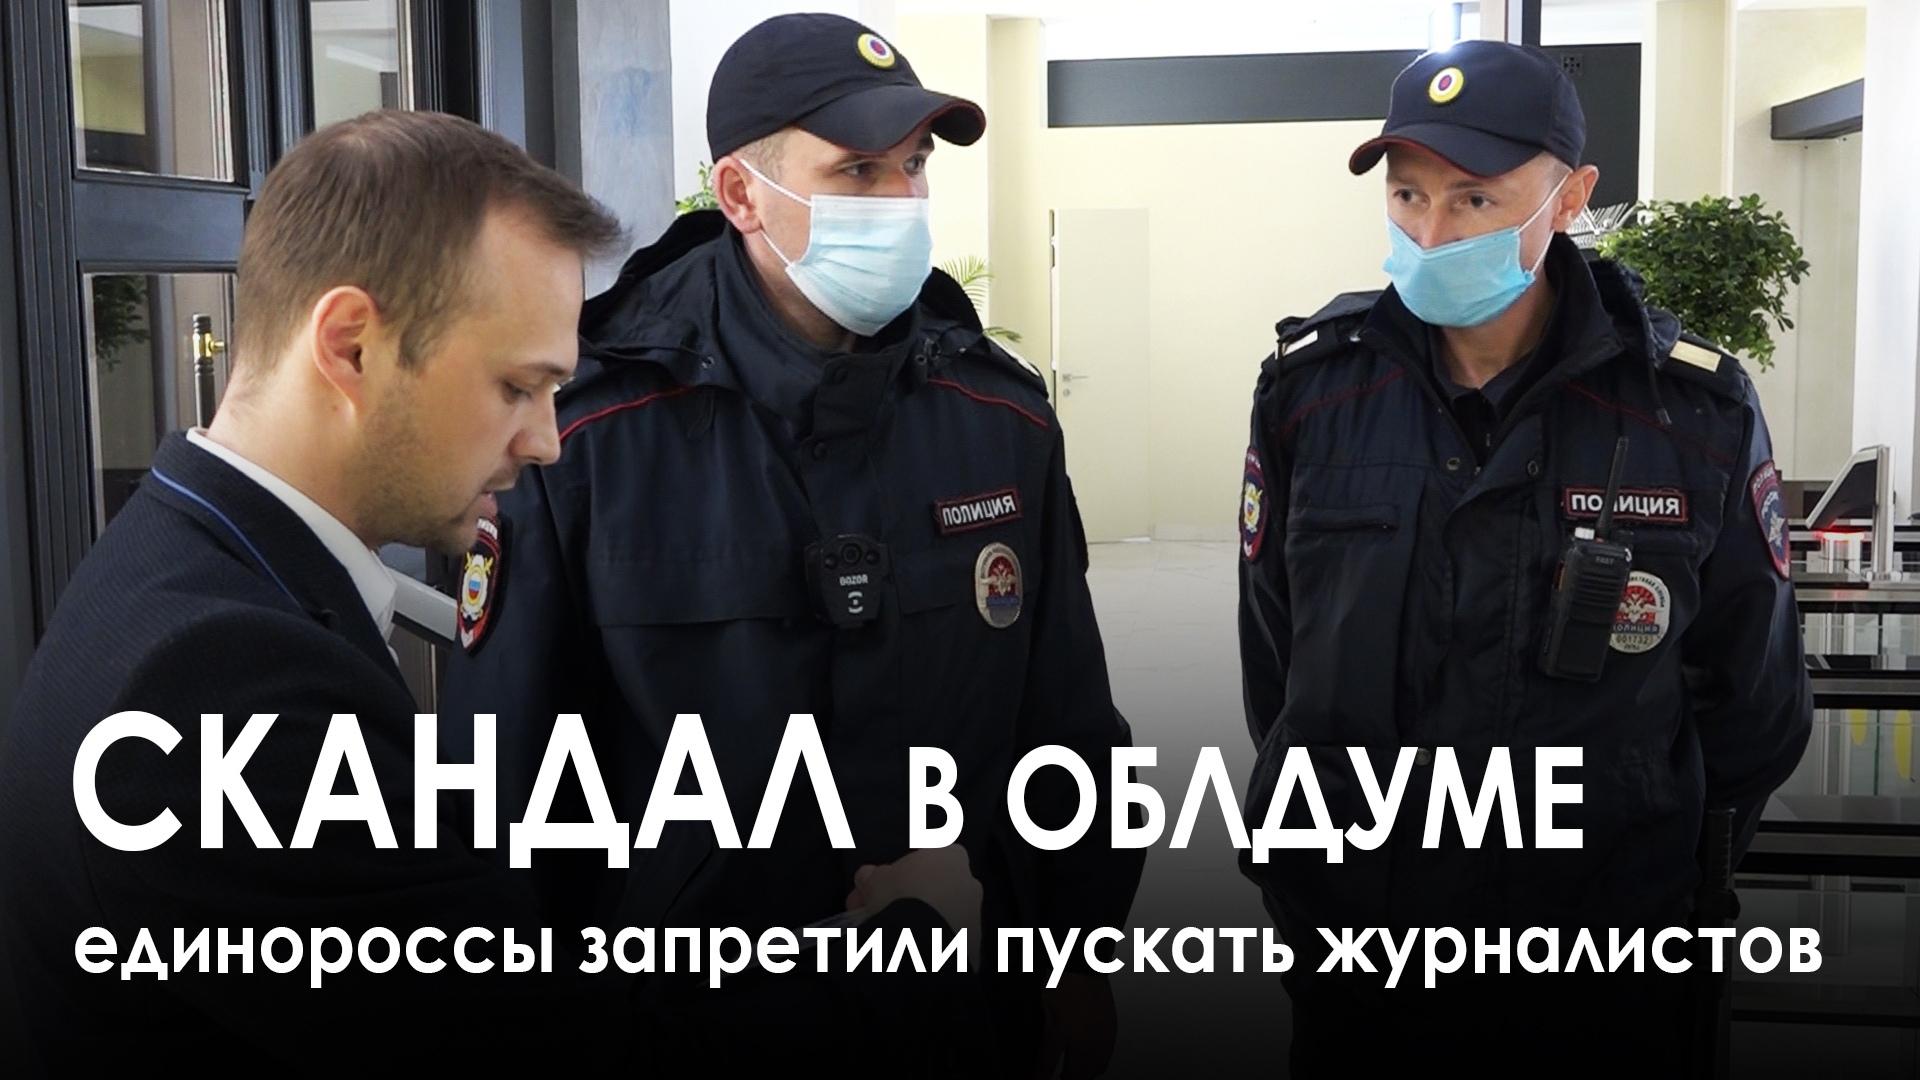 СКАНДАЛ В ОБЛДУМЕ! Трусливые единороссы запретили пускать журналистов.